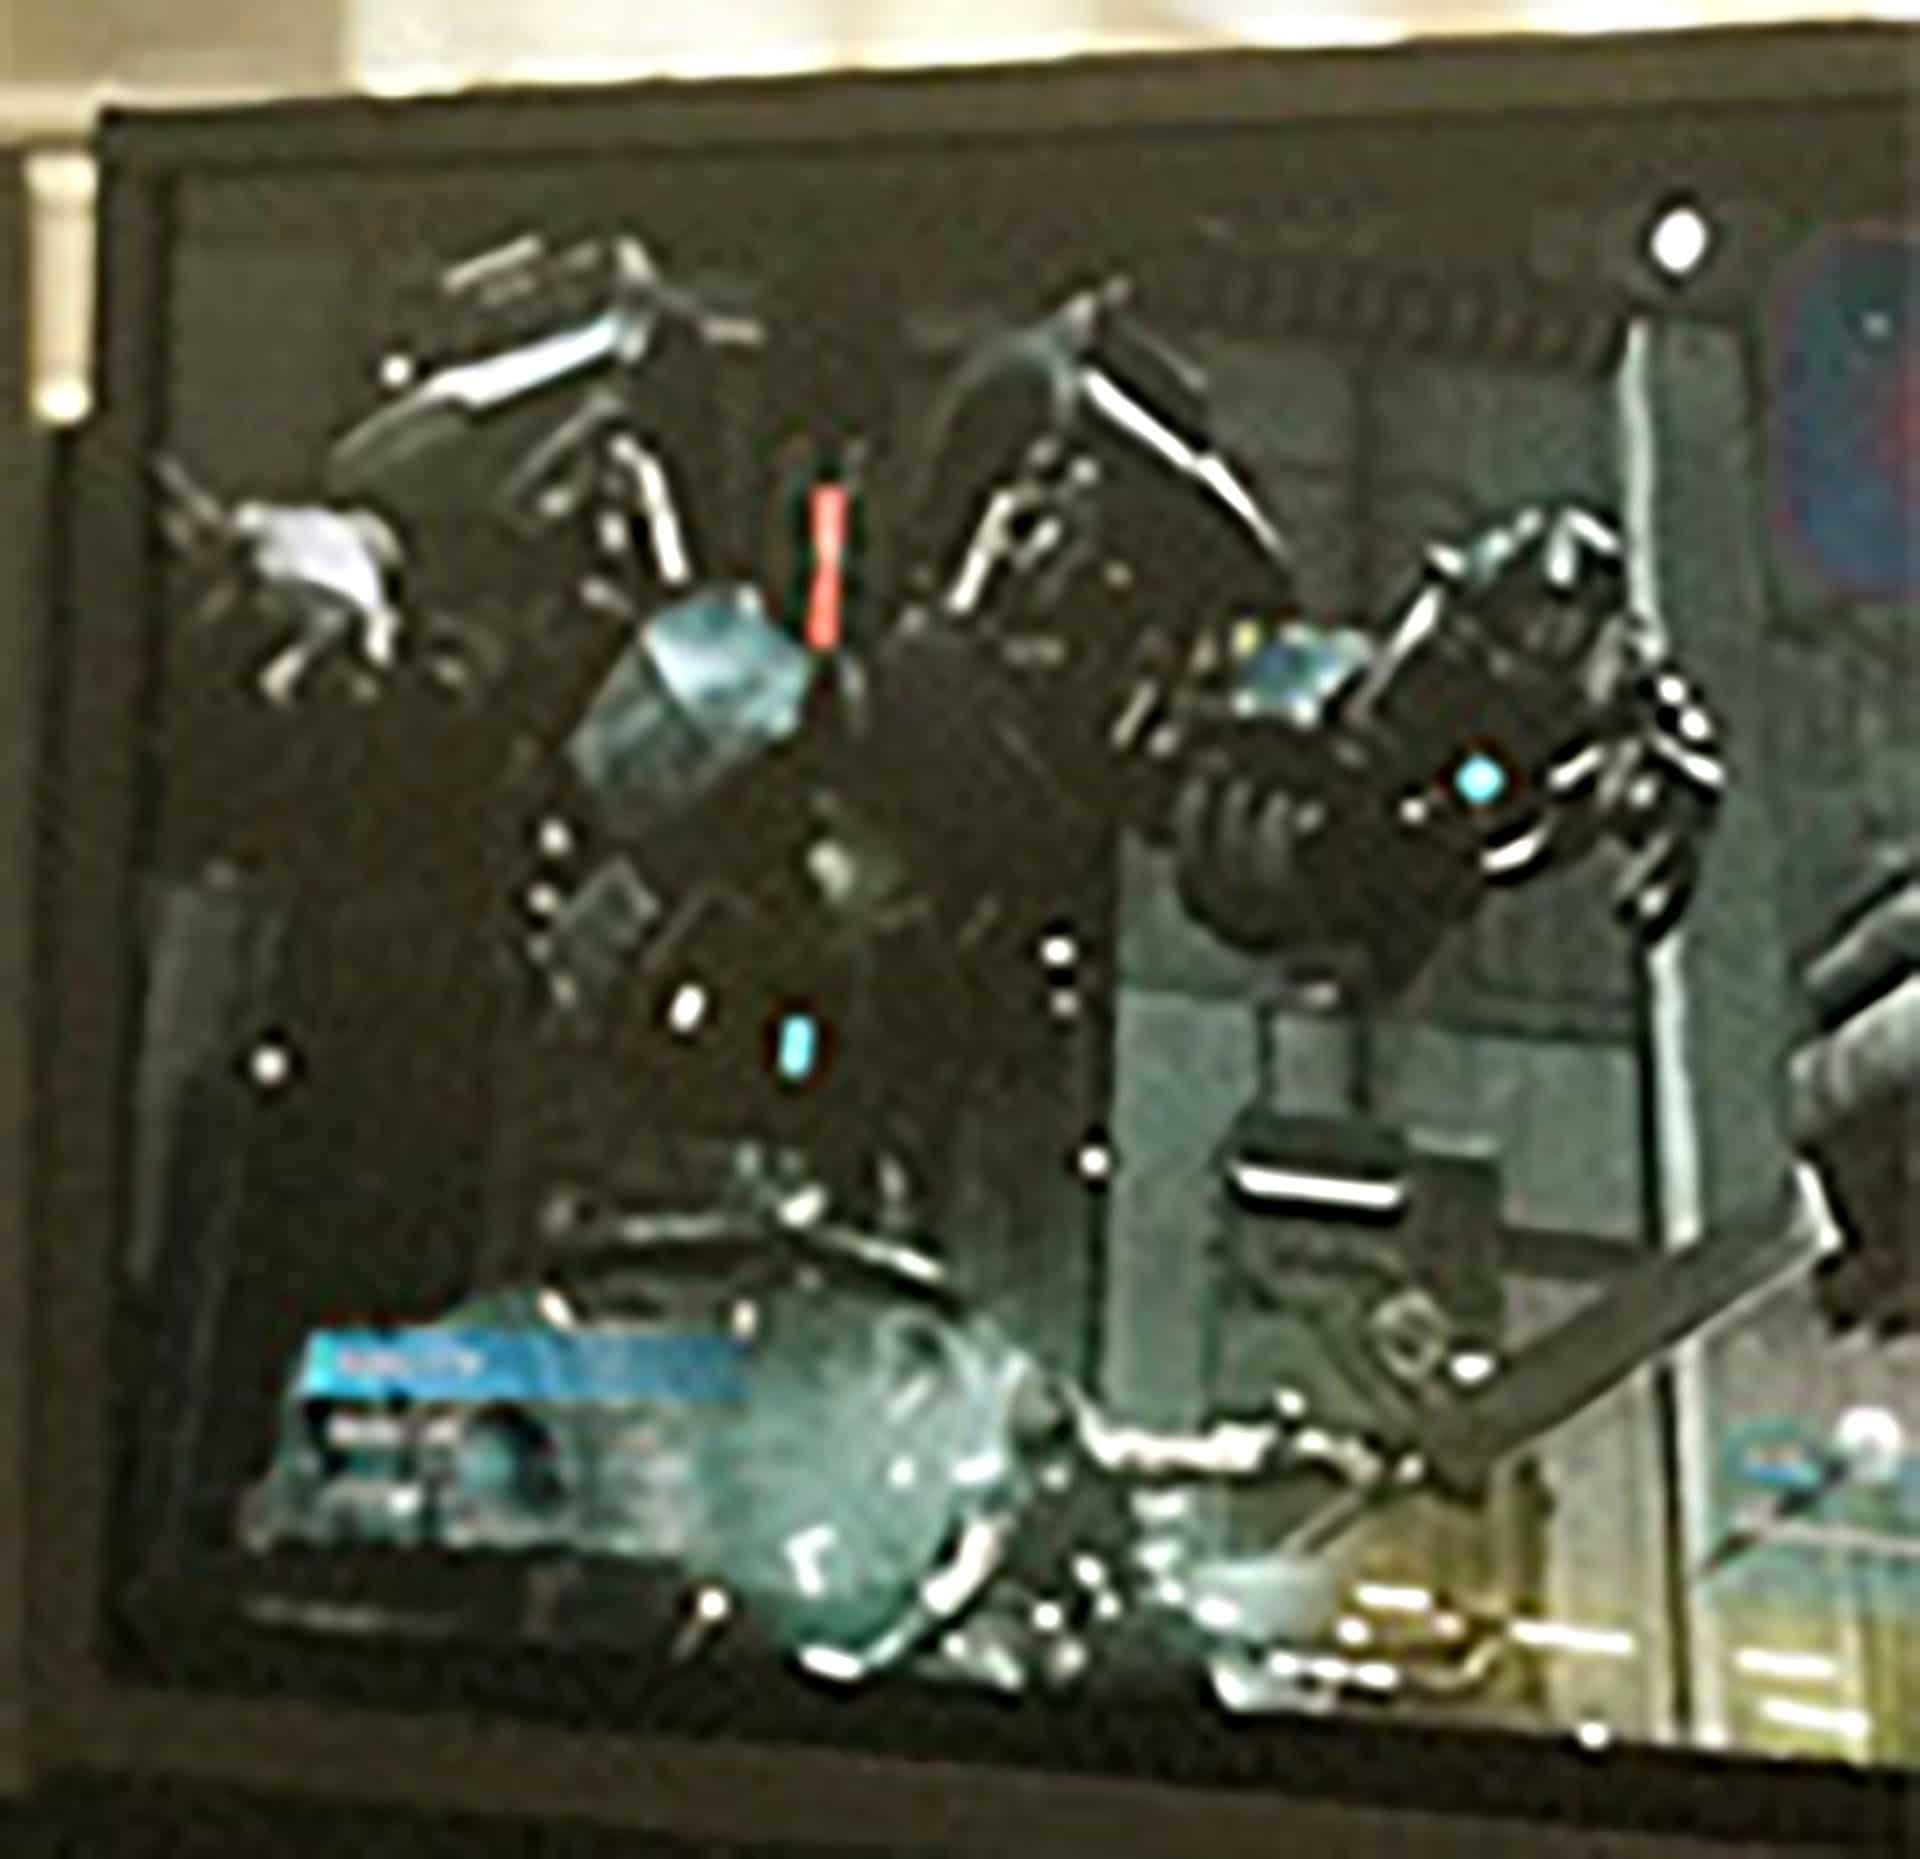 Muestran imagen de batalla representativa en Final Fantasy VII Remake